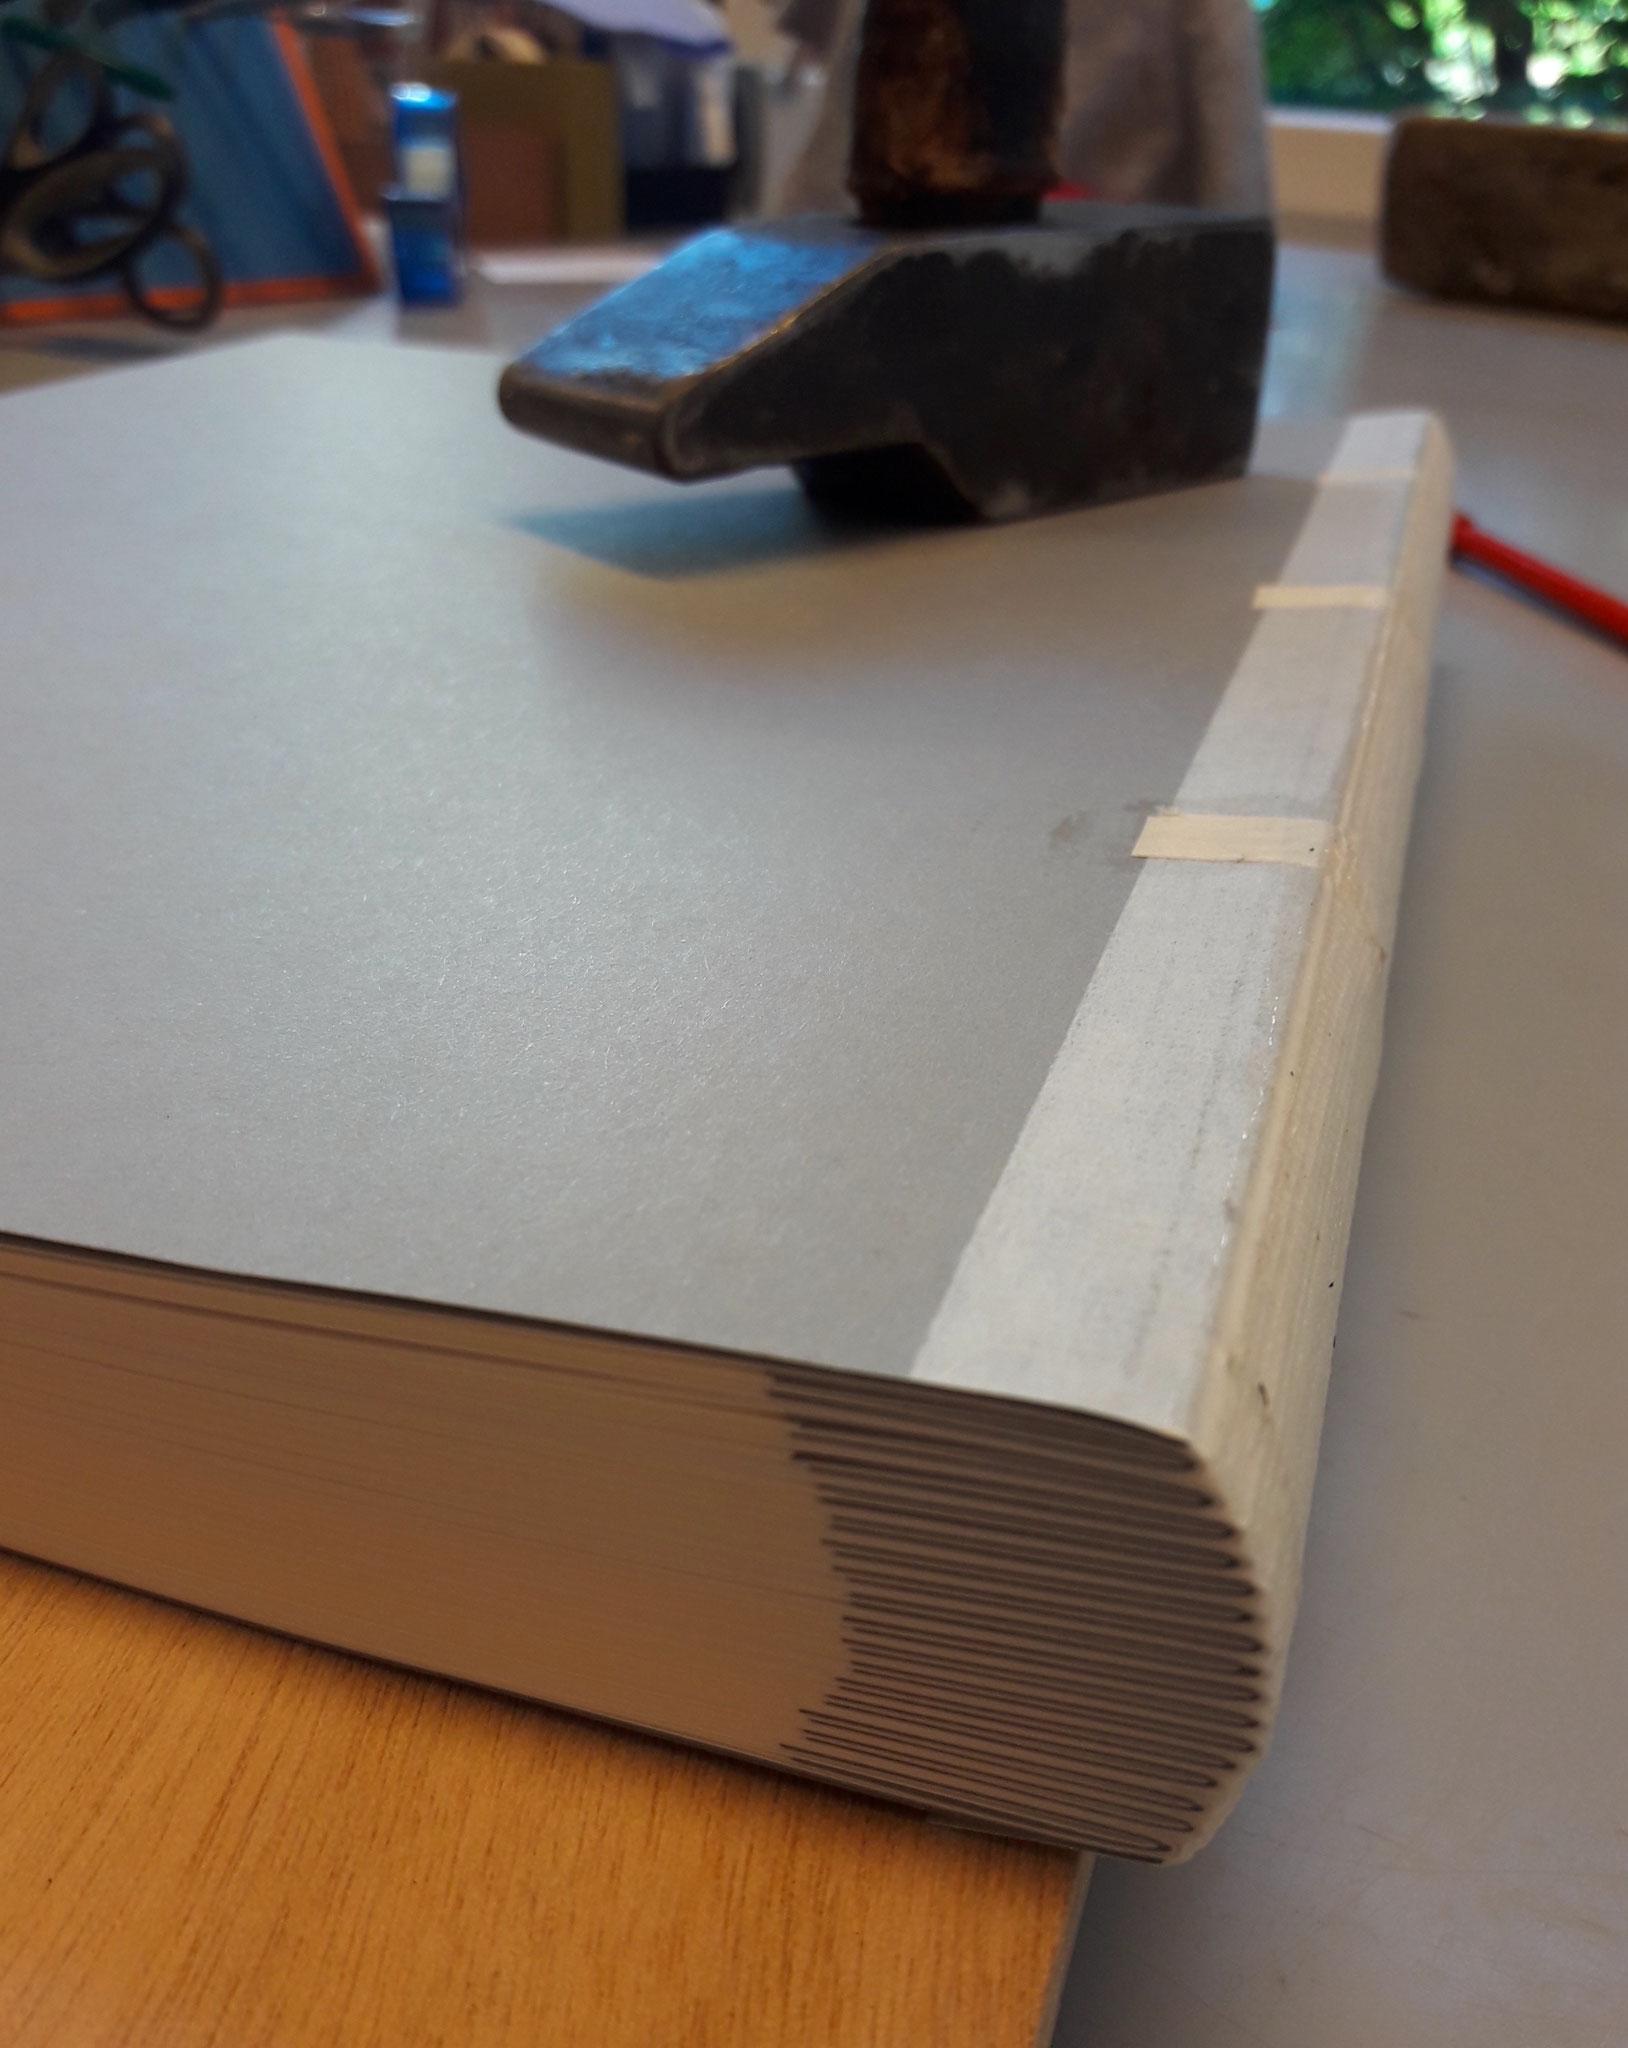 Der gerundete und beschnittene Buchblock